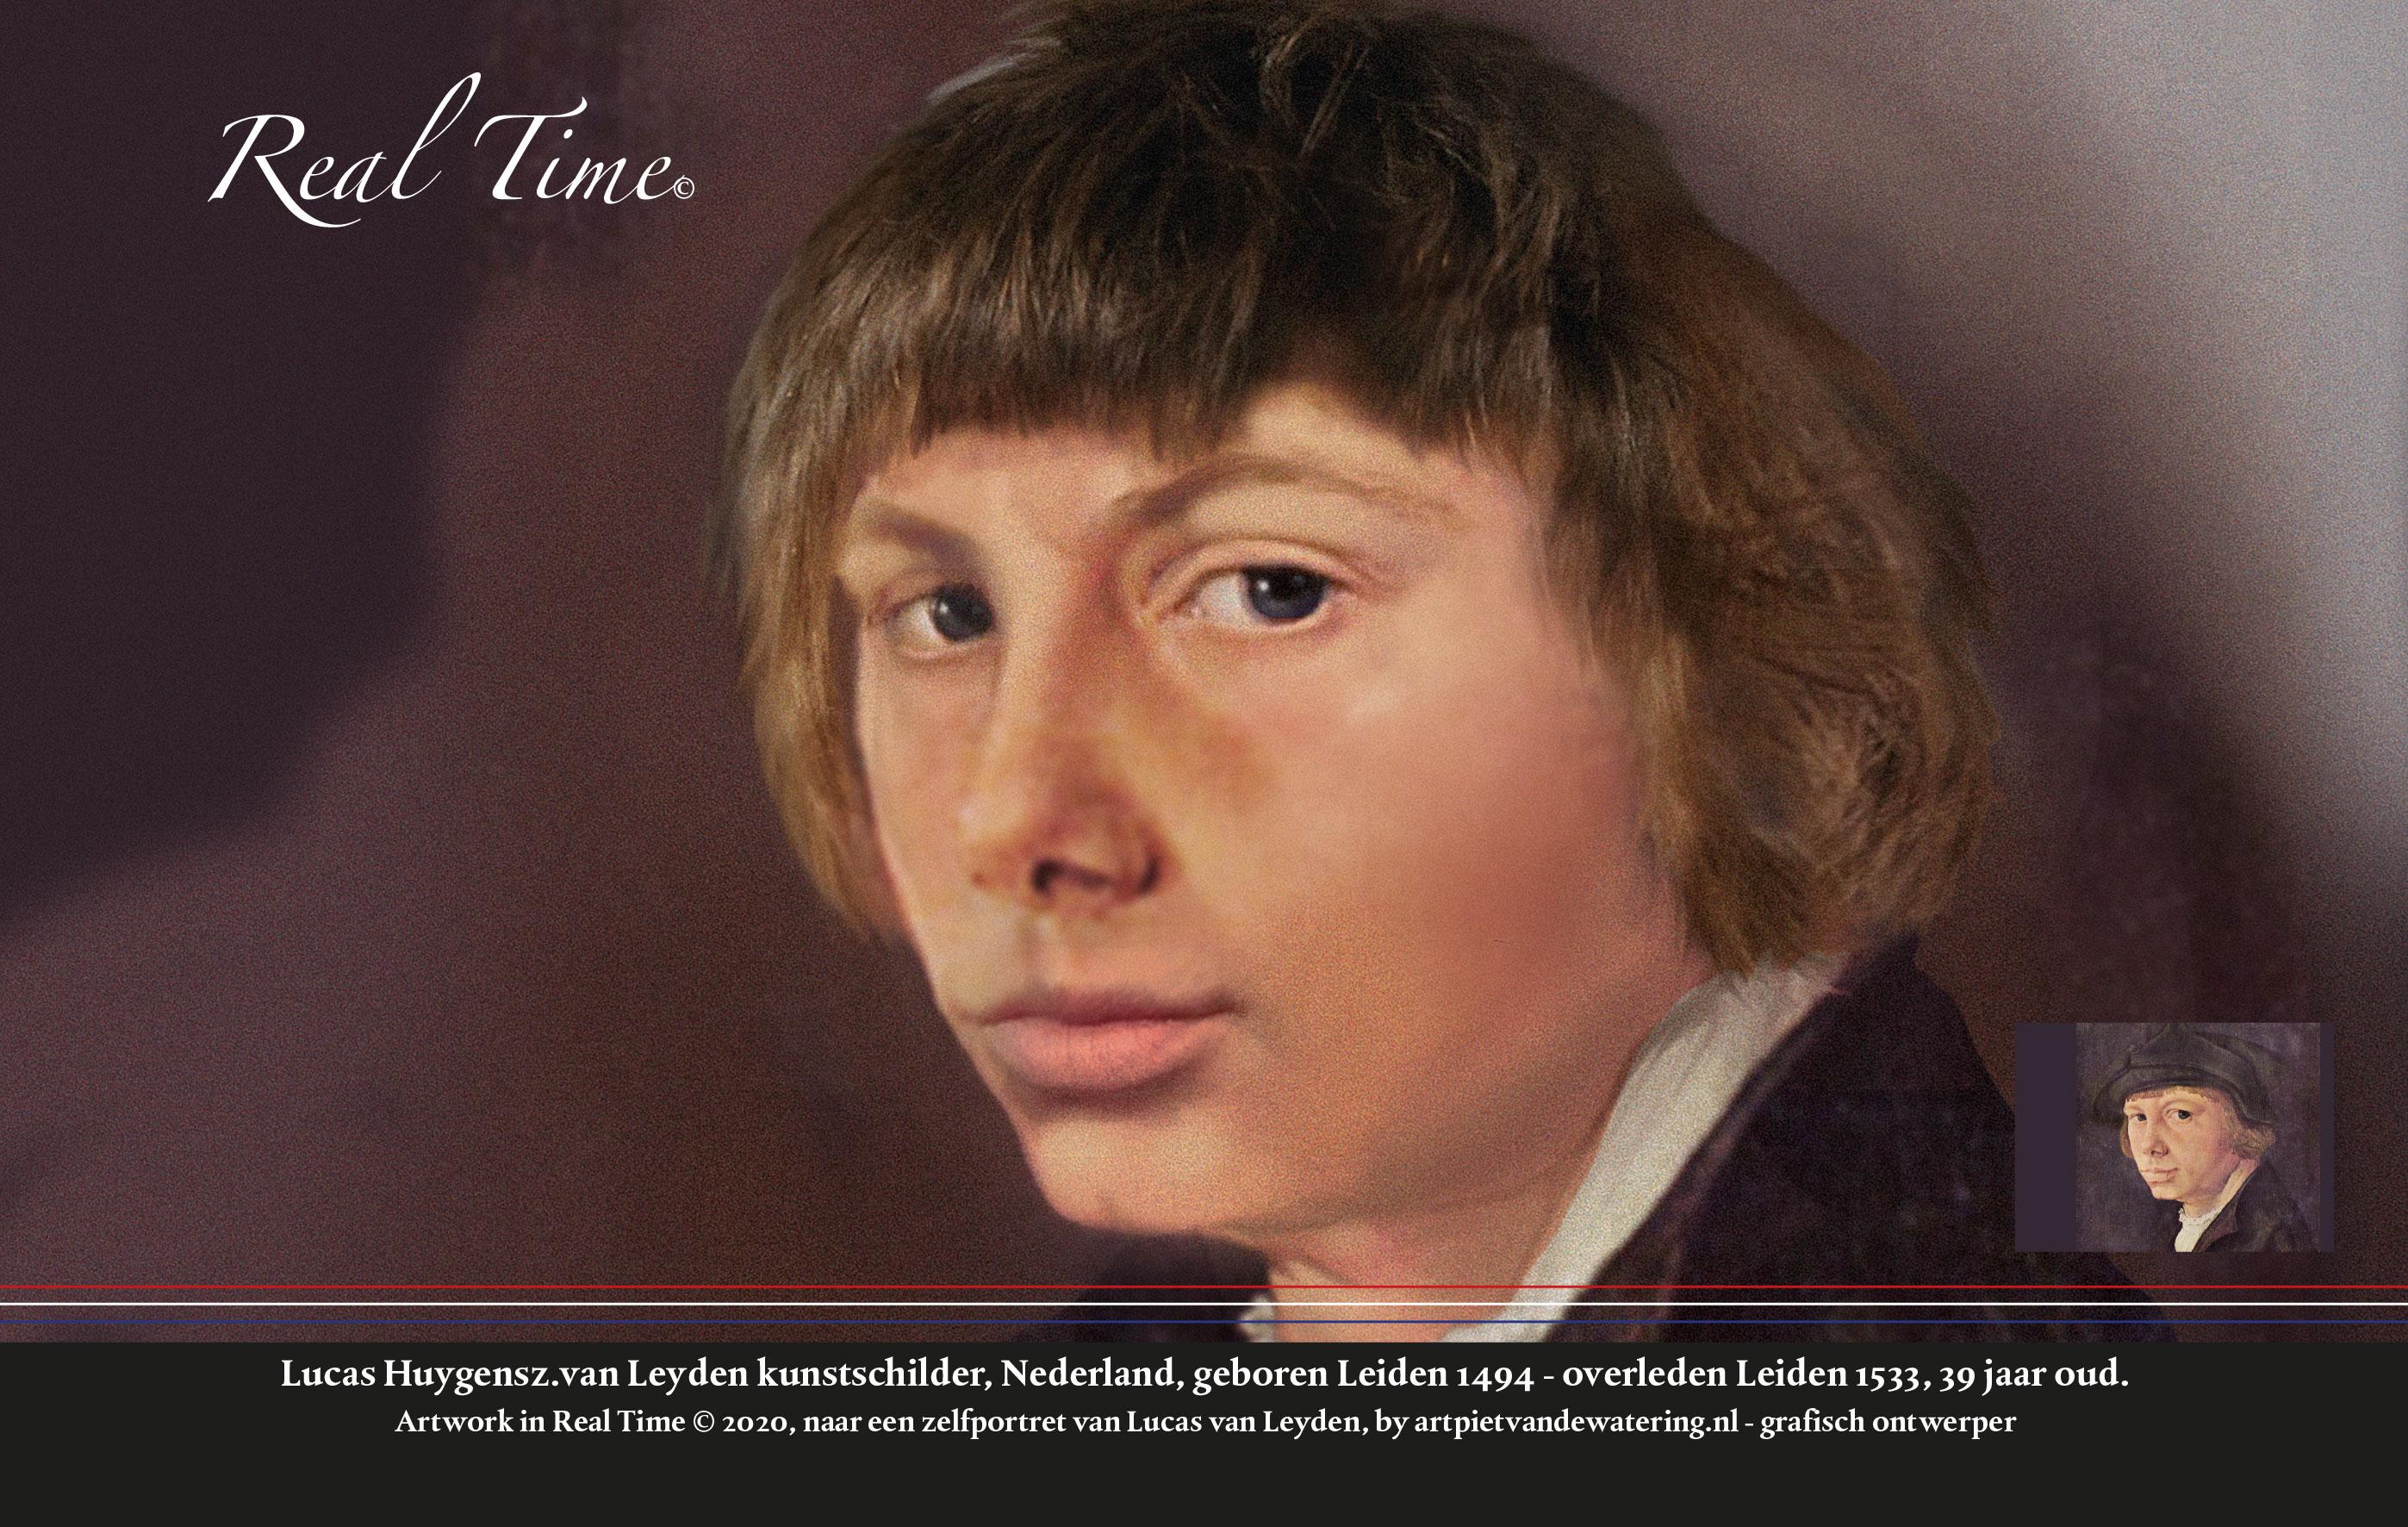 Lucas-H-v-Leyden-1494-1533